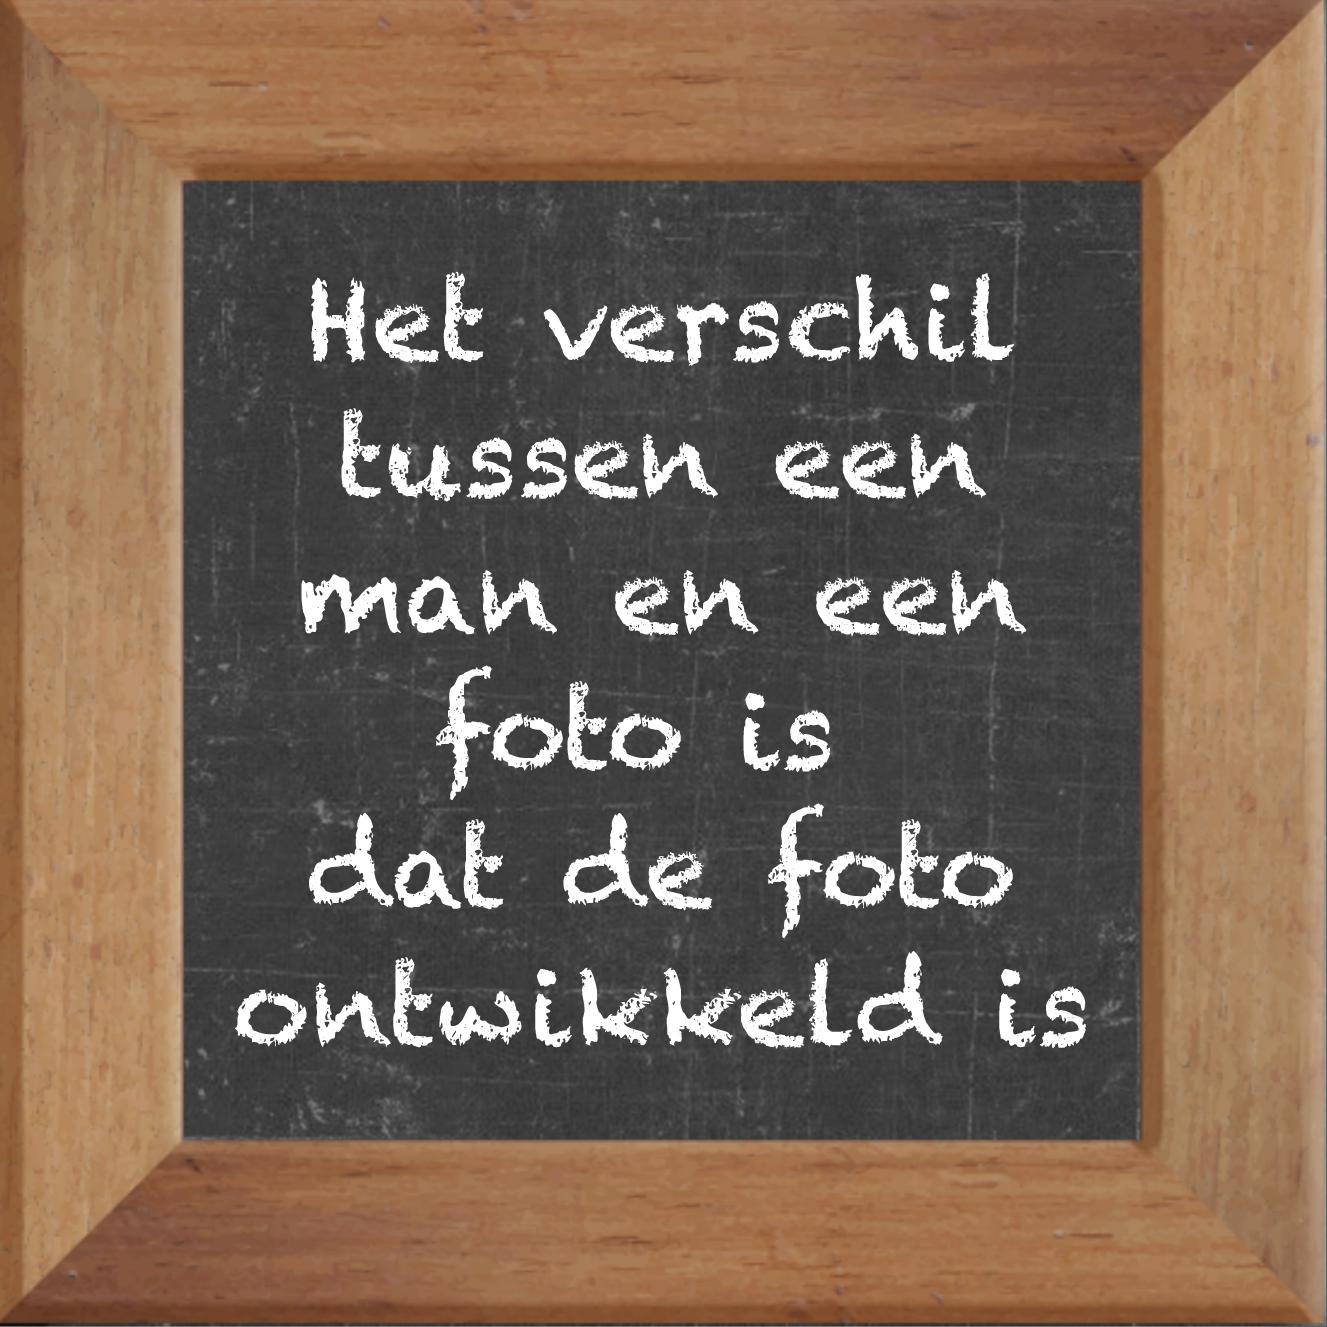 Wijsheden op krijtbord tegel over Man onvriendelijk met spreuk :Het verschil tussen een man en een foto is dat de foto ontwikkeld is